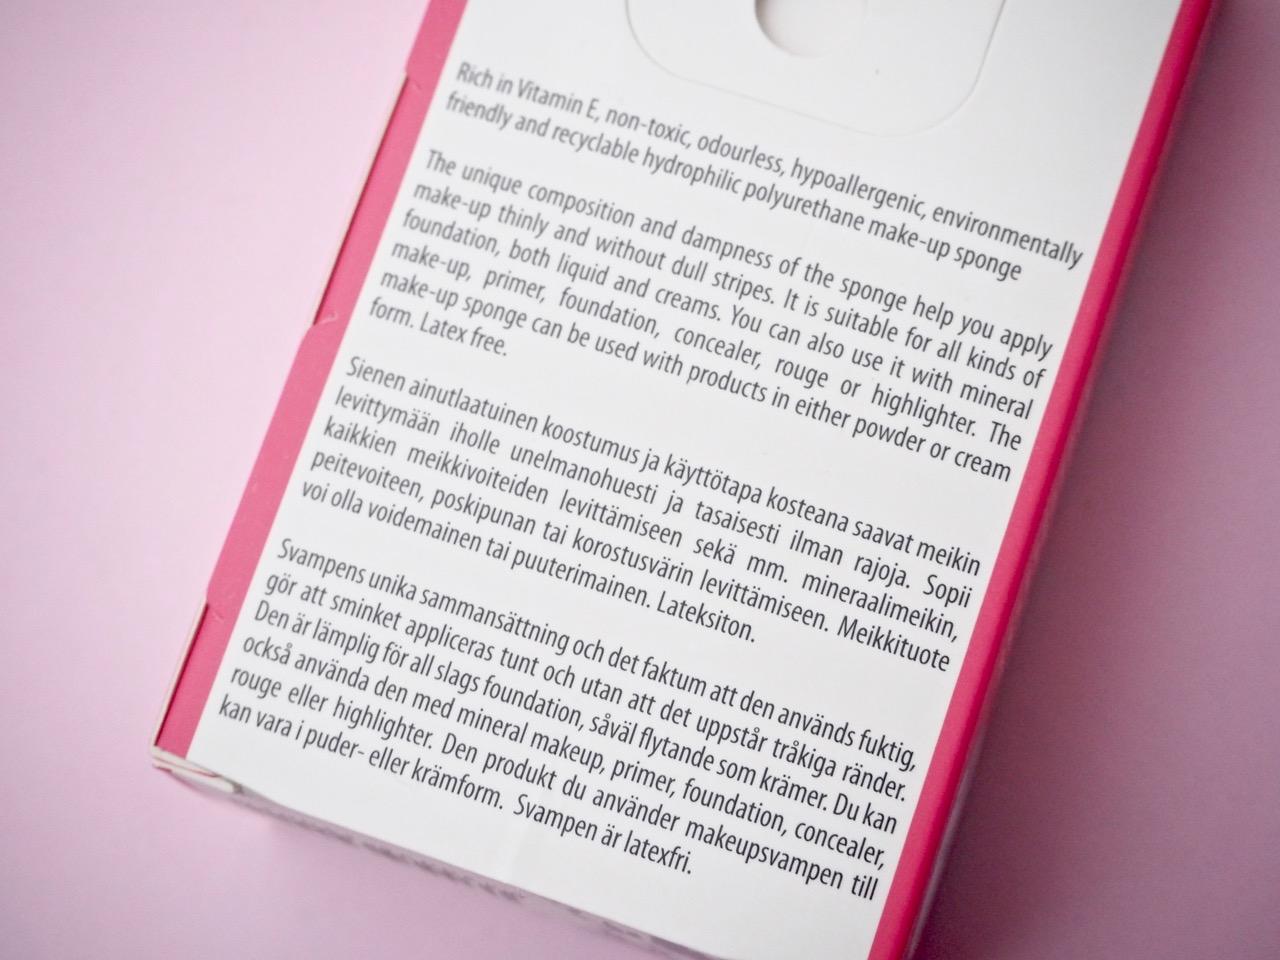 SkinMood lateksiton meikkisieni beautyblender kokemuksia Virve Fredman